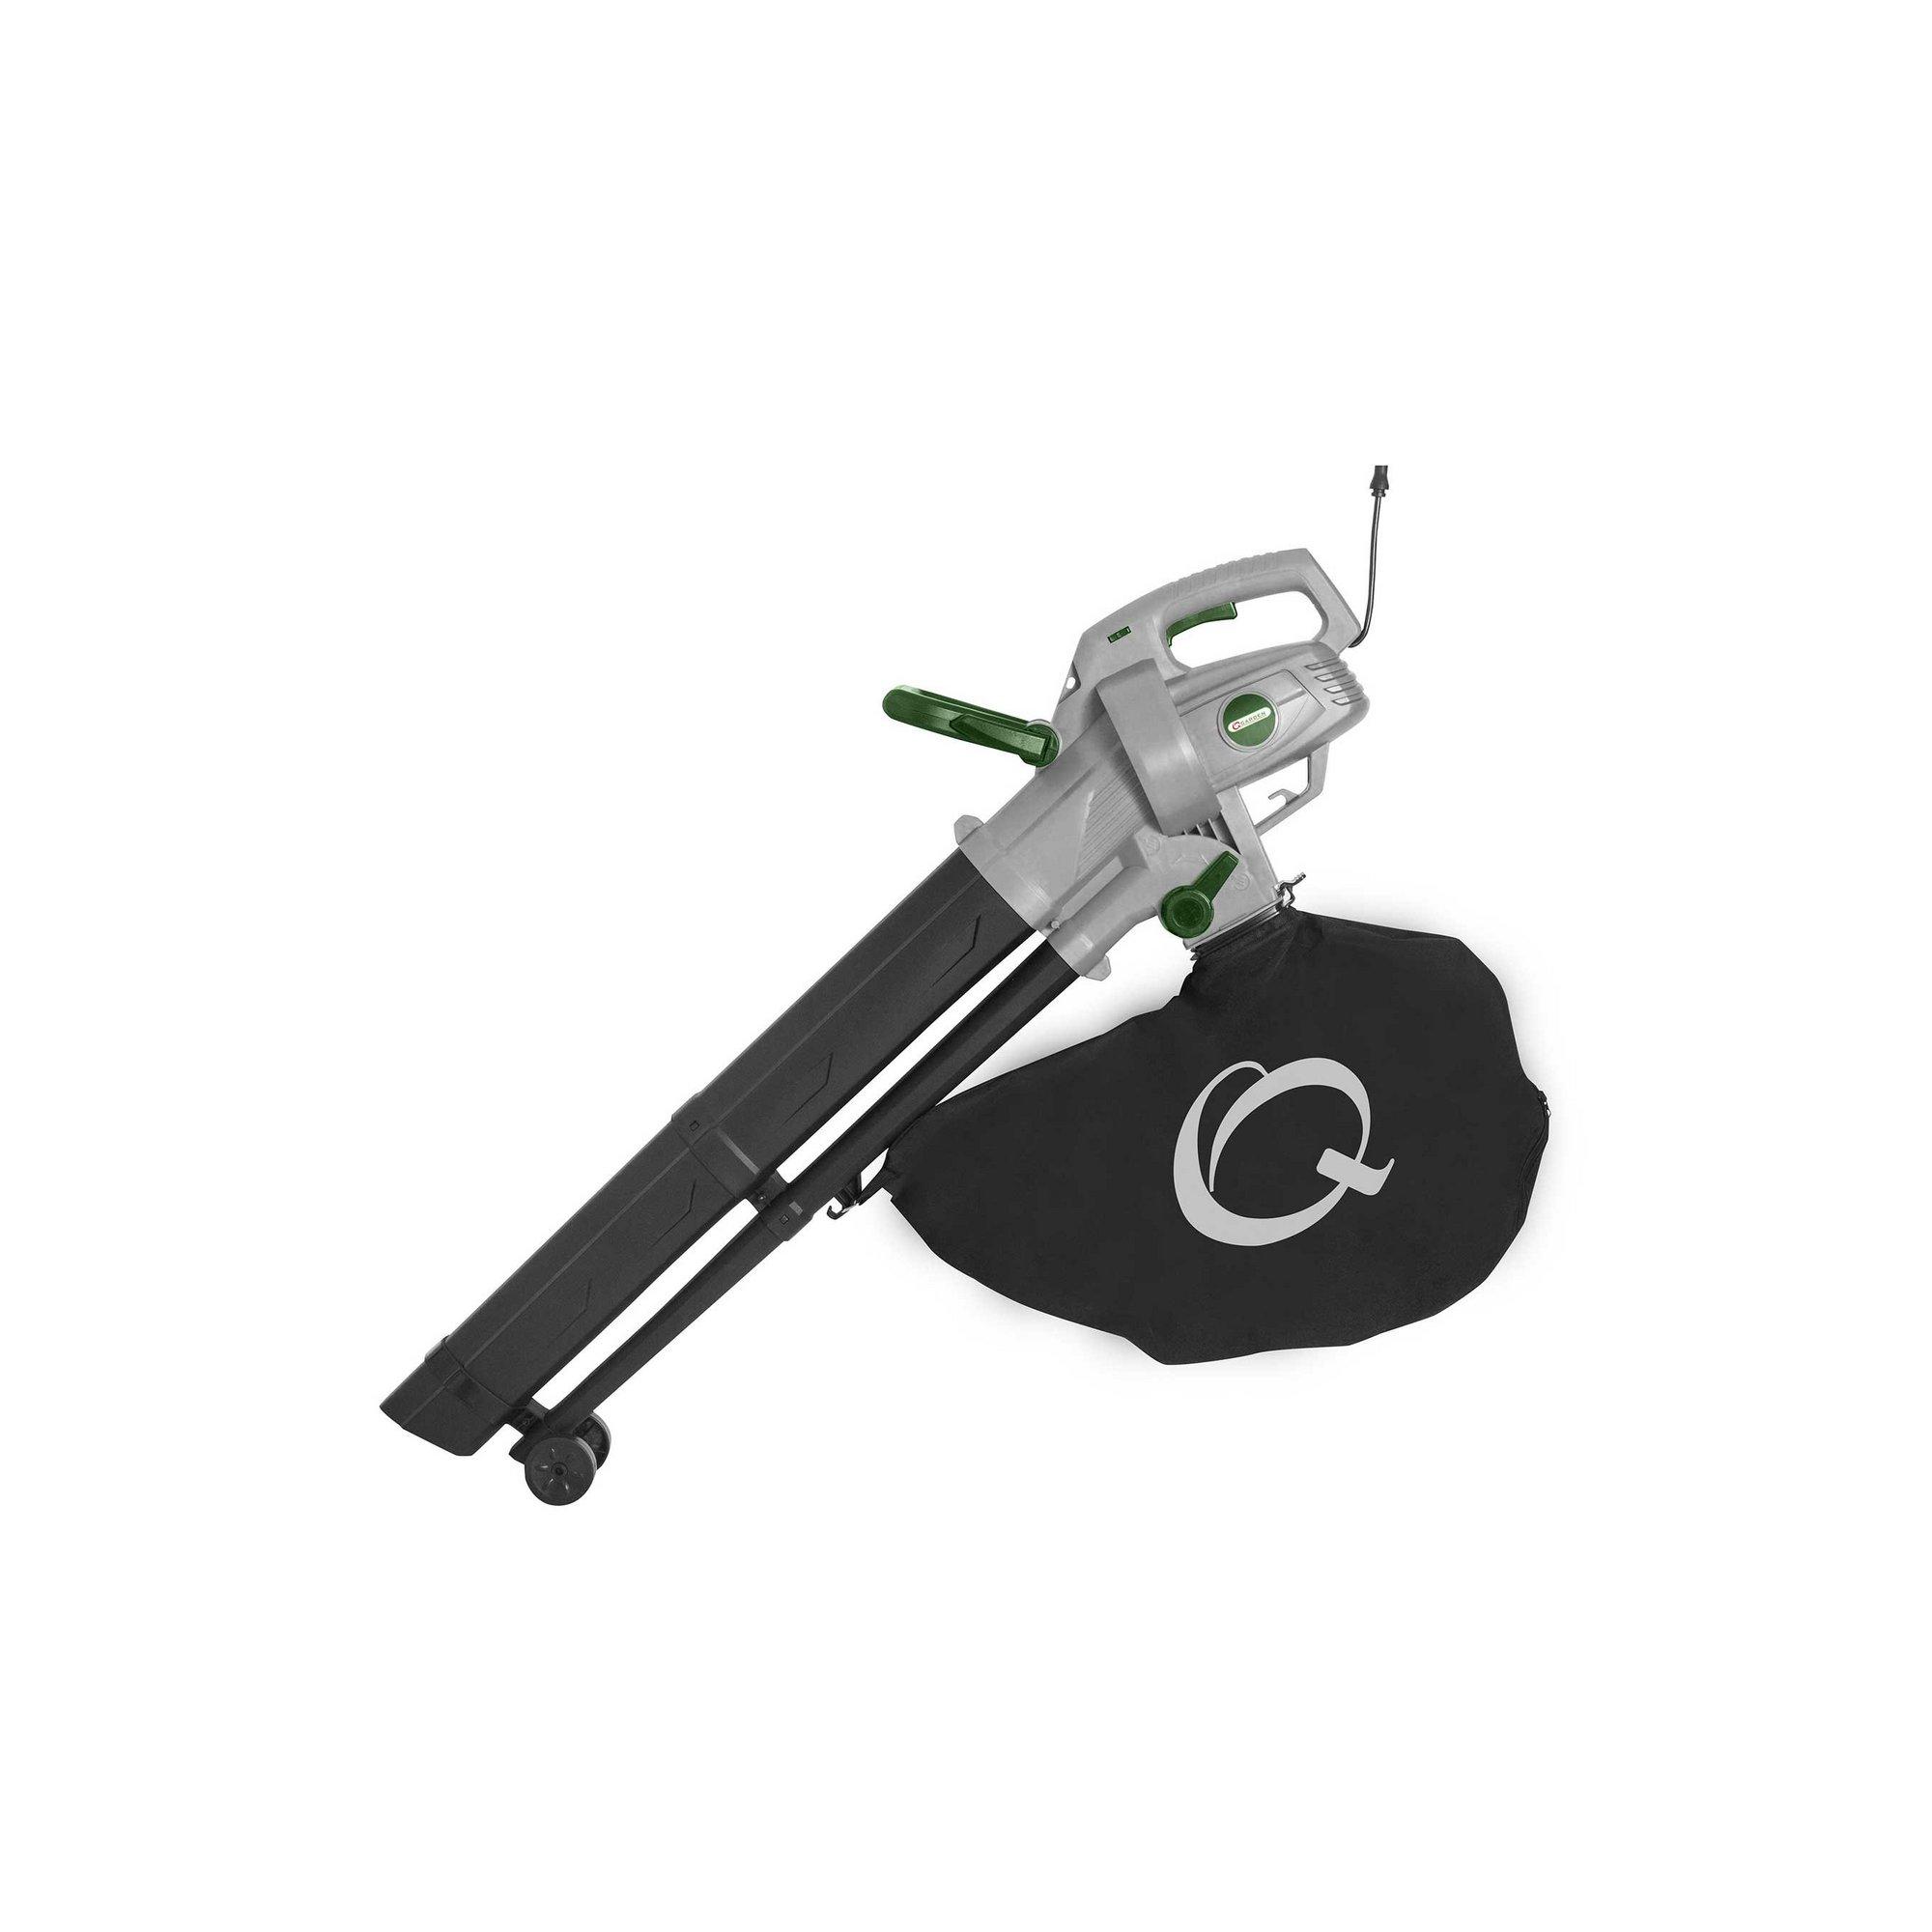 Image of Q Garden 3000W Blower Vac